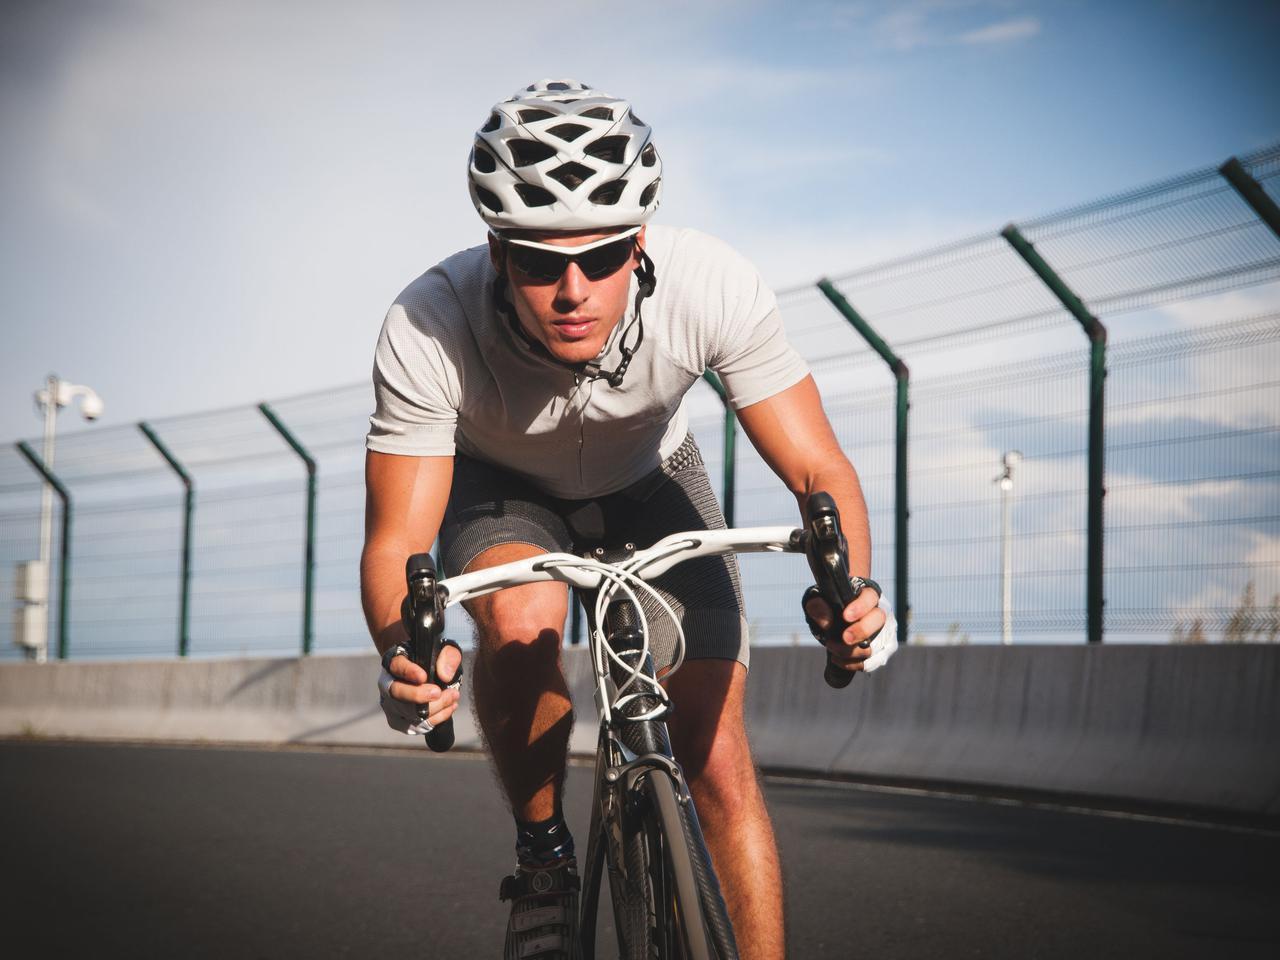 画像: 【サイクルジャージ】本格サイクリングの服装を解説!おすすめのウェア&サングラスもご紹介 - ハピキャン(HAPPY CAMPER)